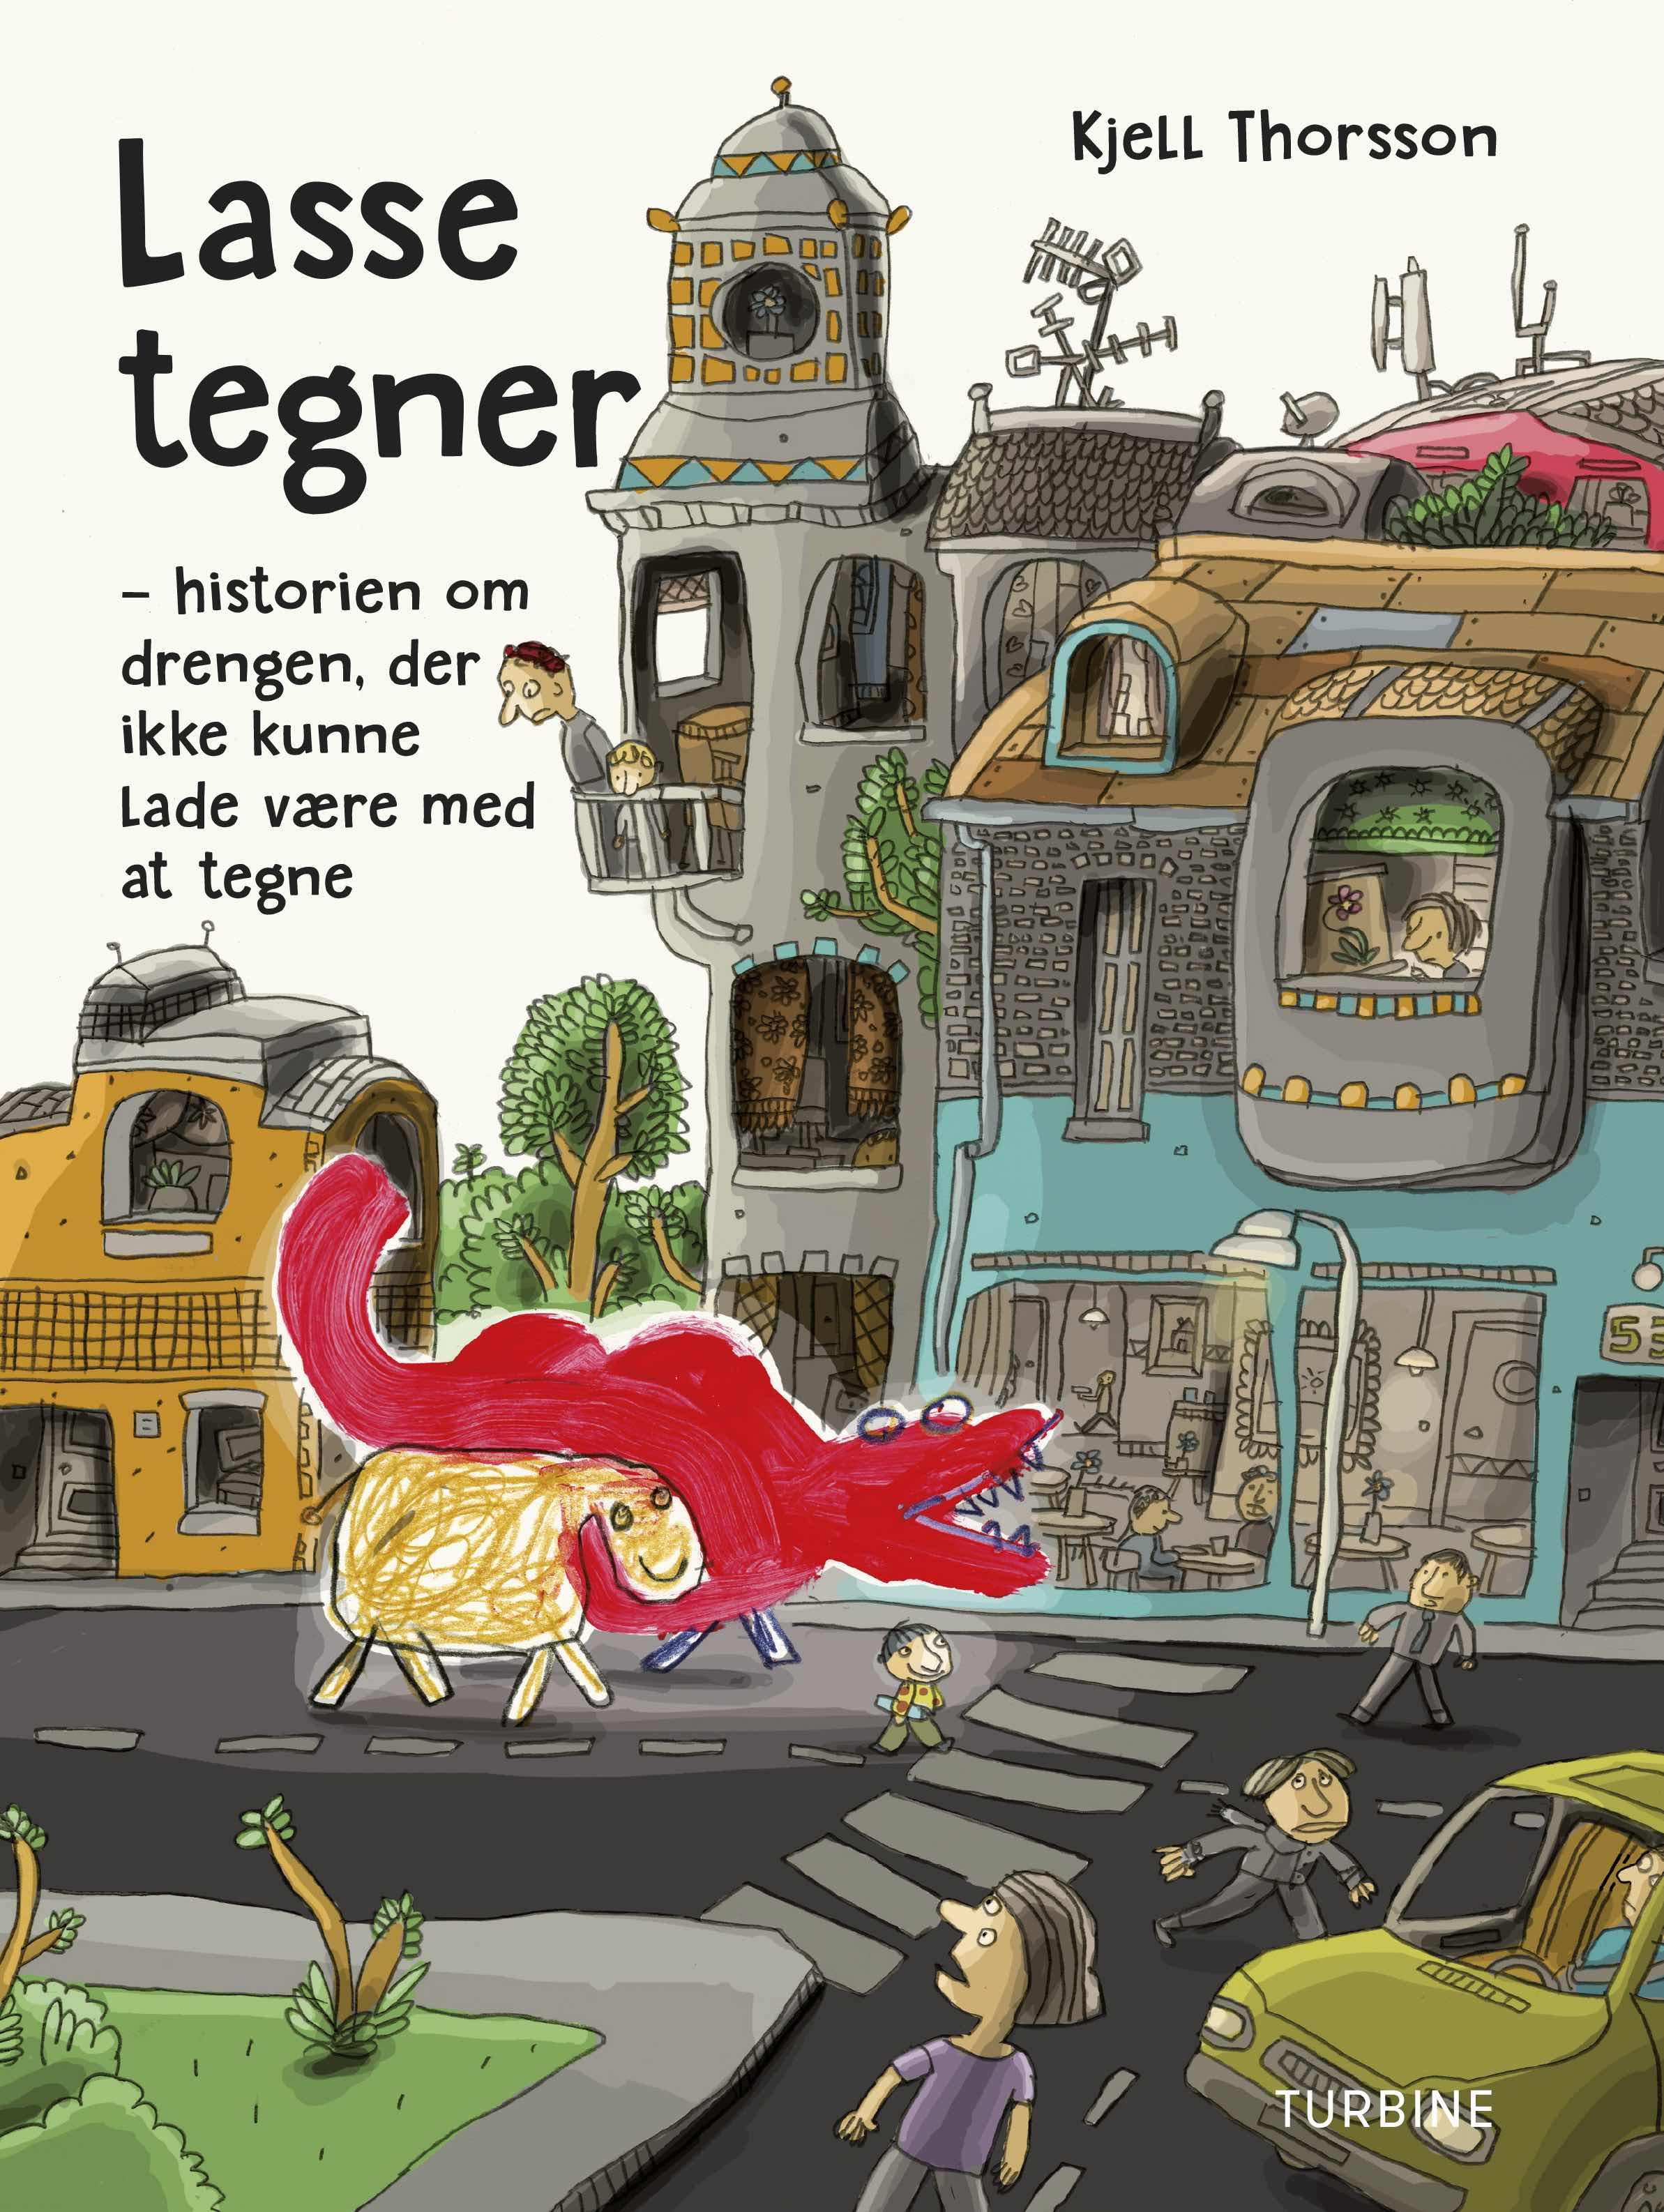 Lasse tegner - Kjell Thorsson - Bøger - Turbine - 9788740651065 - 27/9-2018